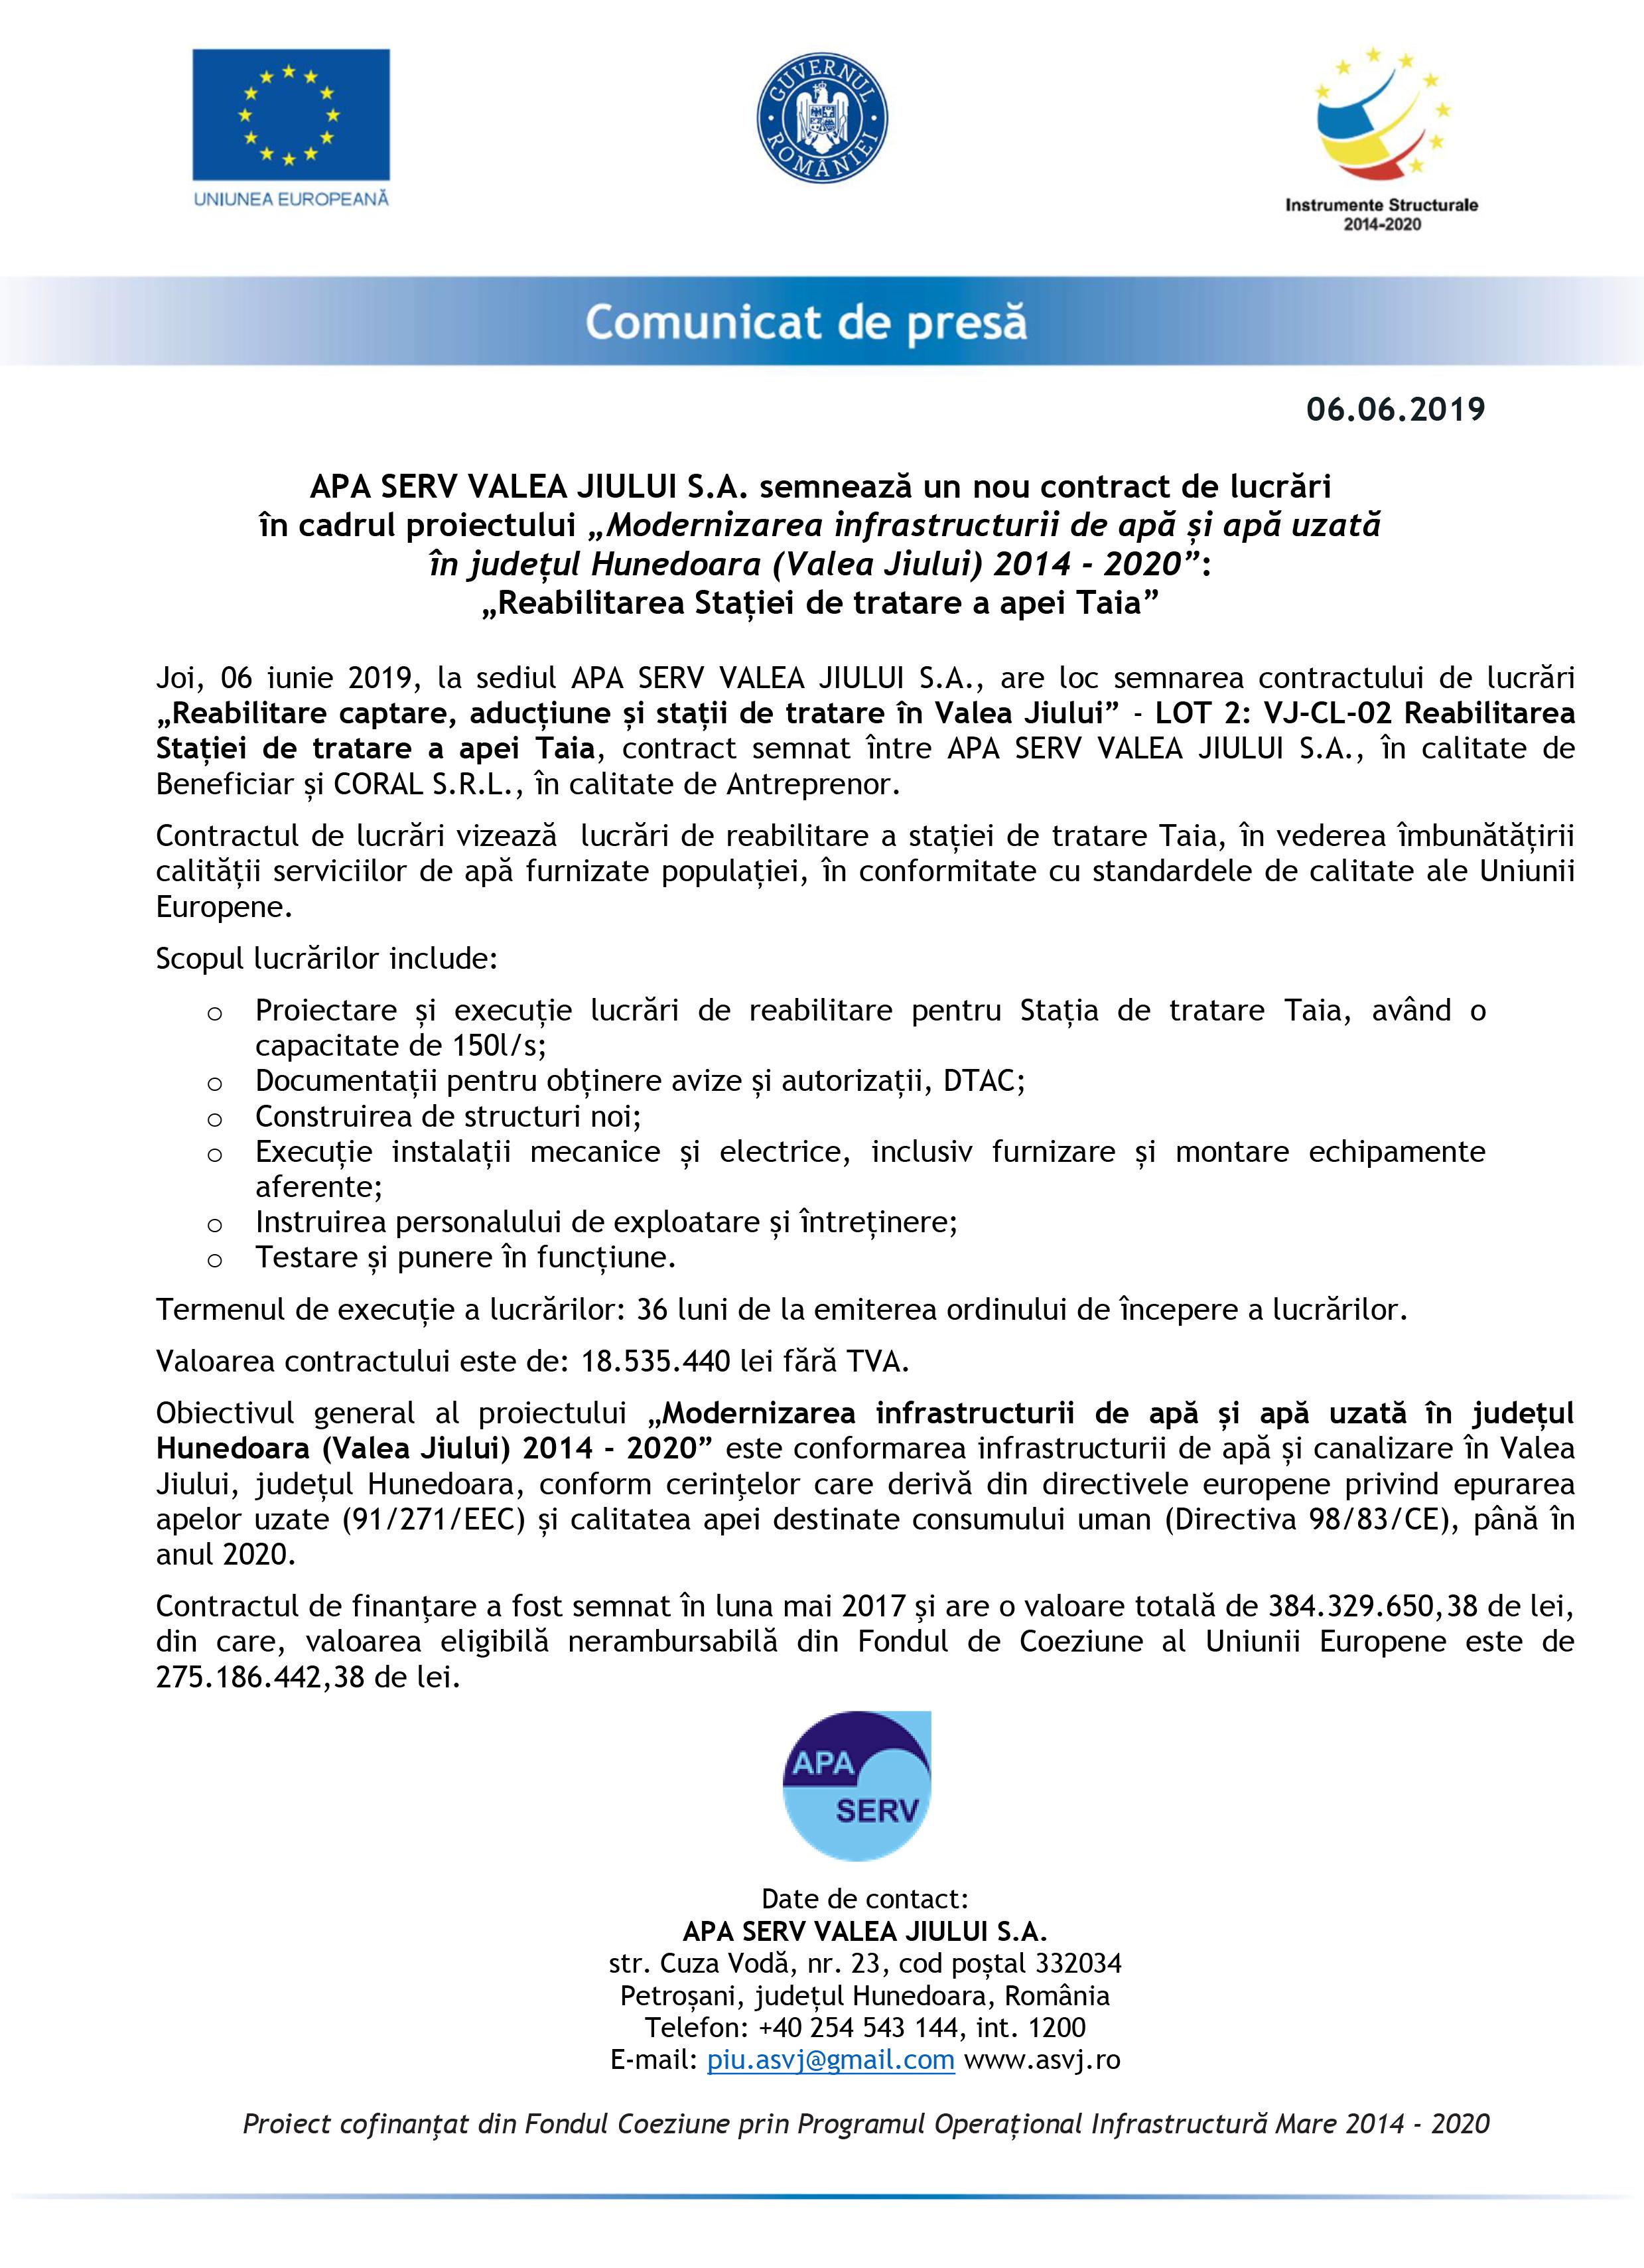 APA SERV VALEA JIULUI SA: Proiect de peste 18,5 milioane lei pentru modernizarea infrastructurii de apă și apă uzată